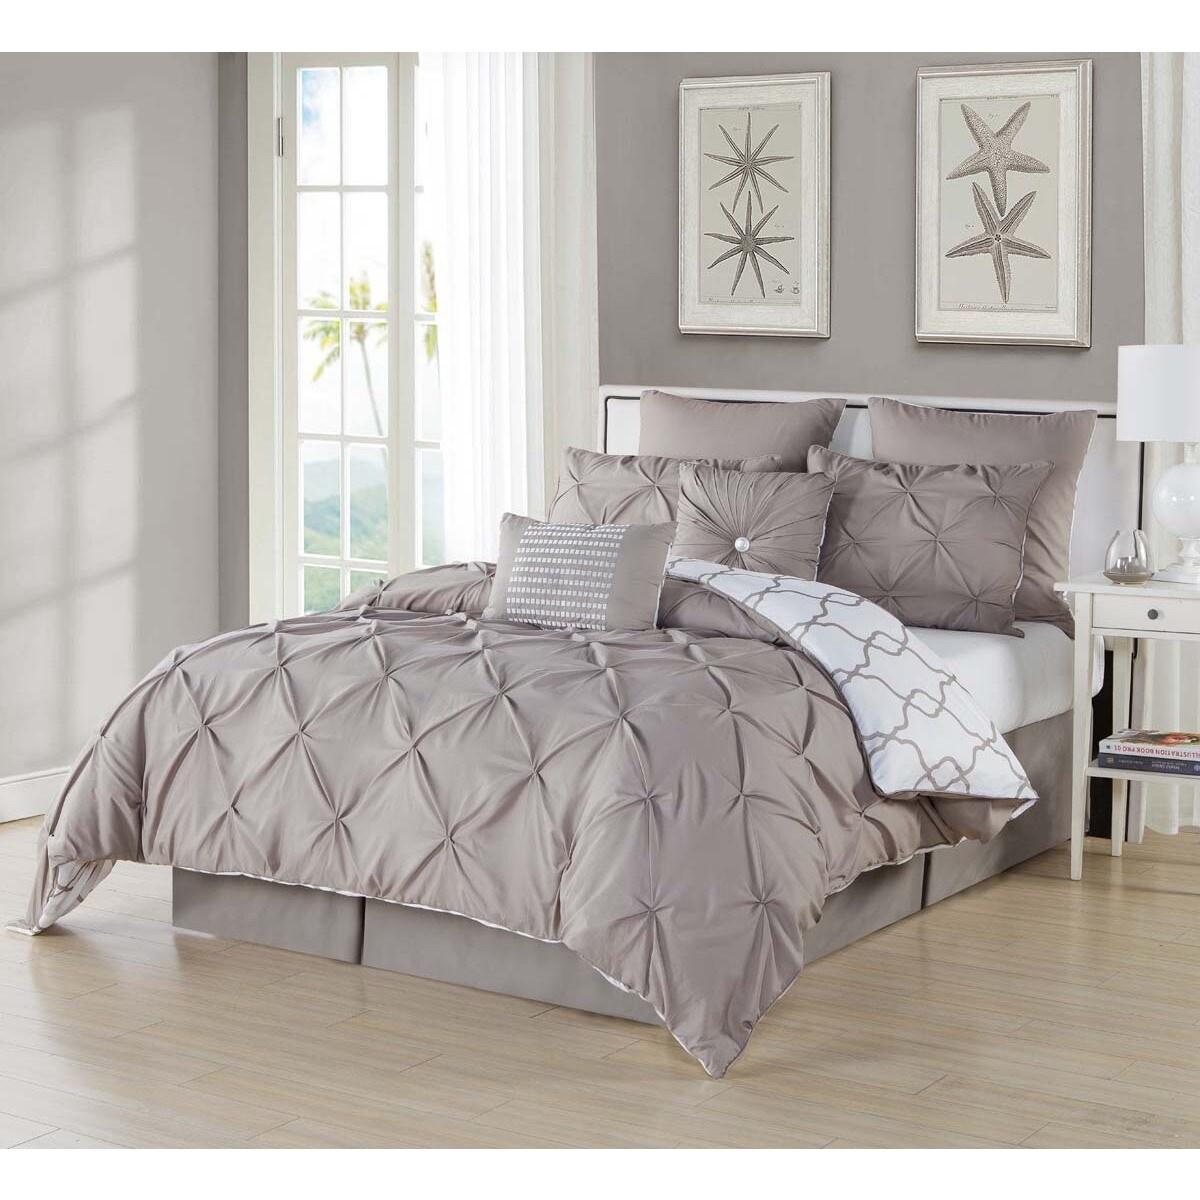 Oliver & James Yvonne Reversible Oversized 8-piece Comforter Set